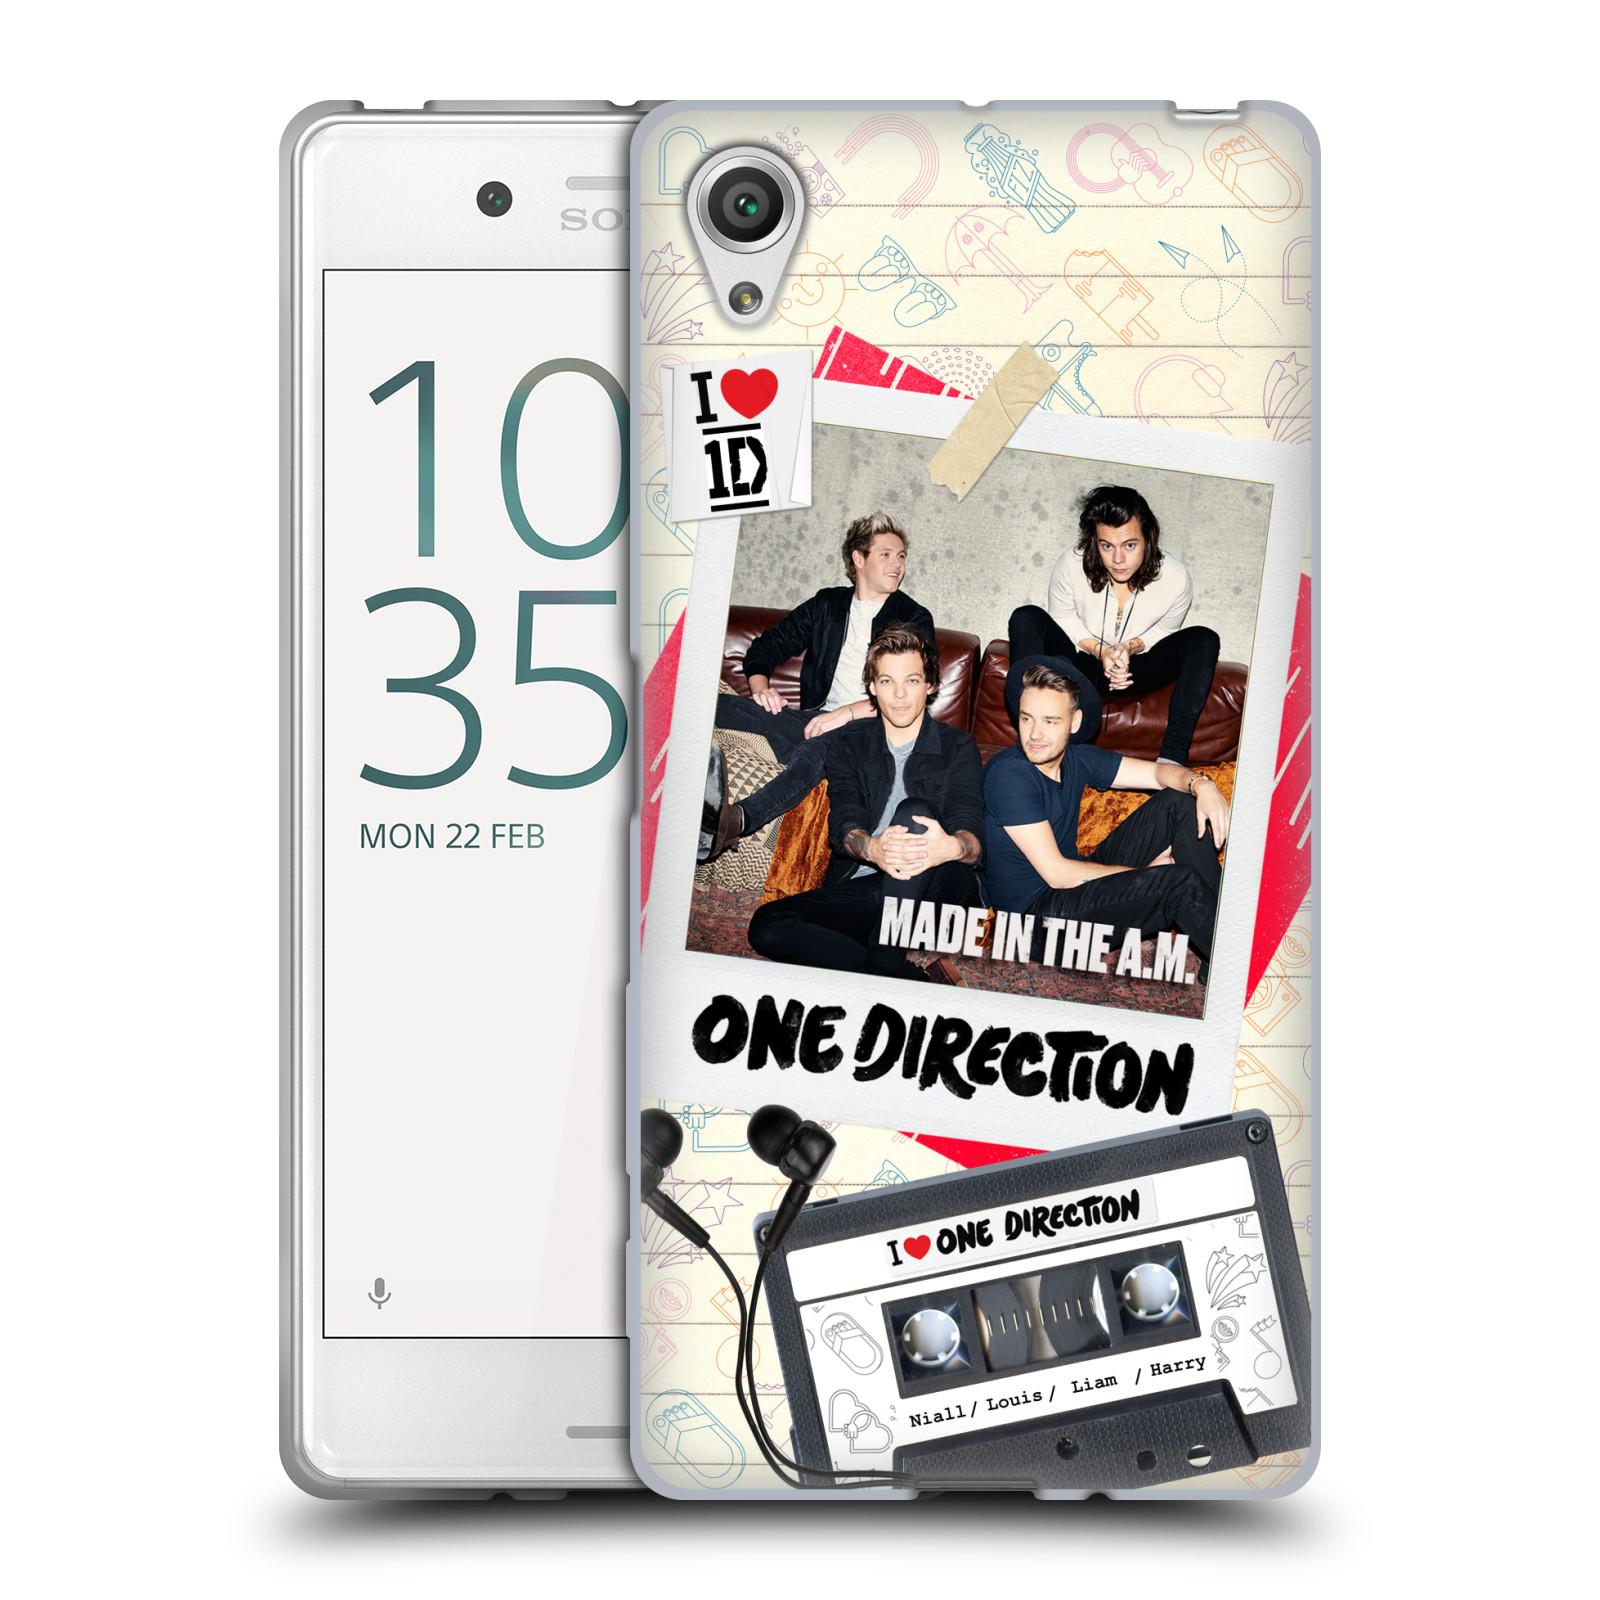 Silikonové pouzdro na mobil Sony Xperia X HEAD CASE One Direction - Kazeta (Silikonový kryt či obal One Direction Official na mobilní telefon Sony Xperia X F5121 / Dual SIM F5122)